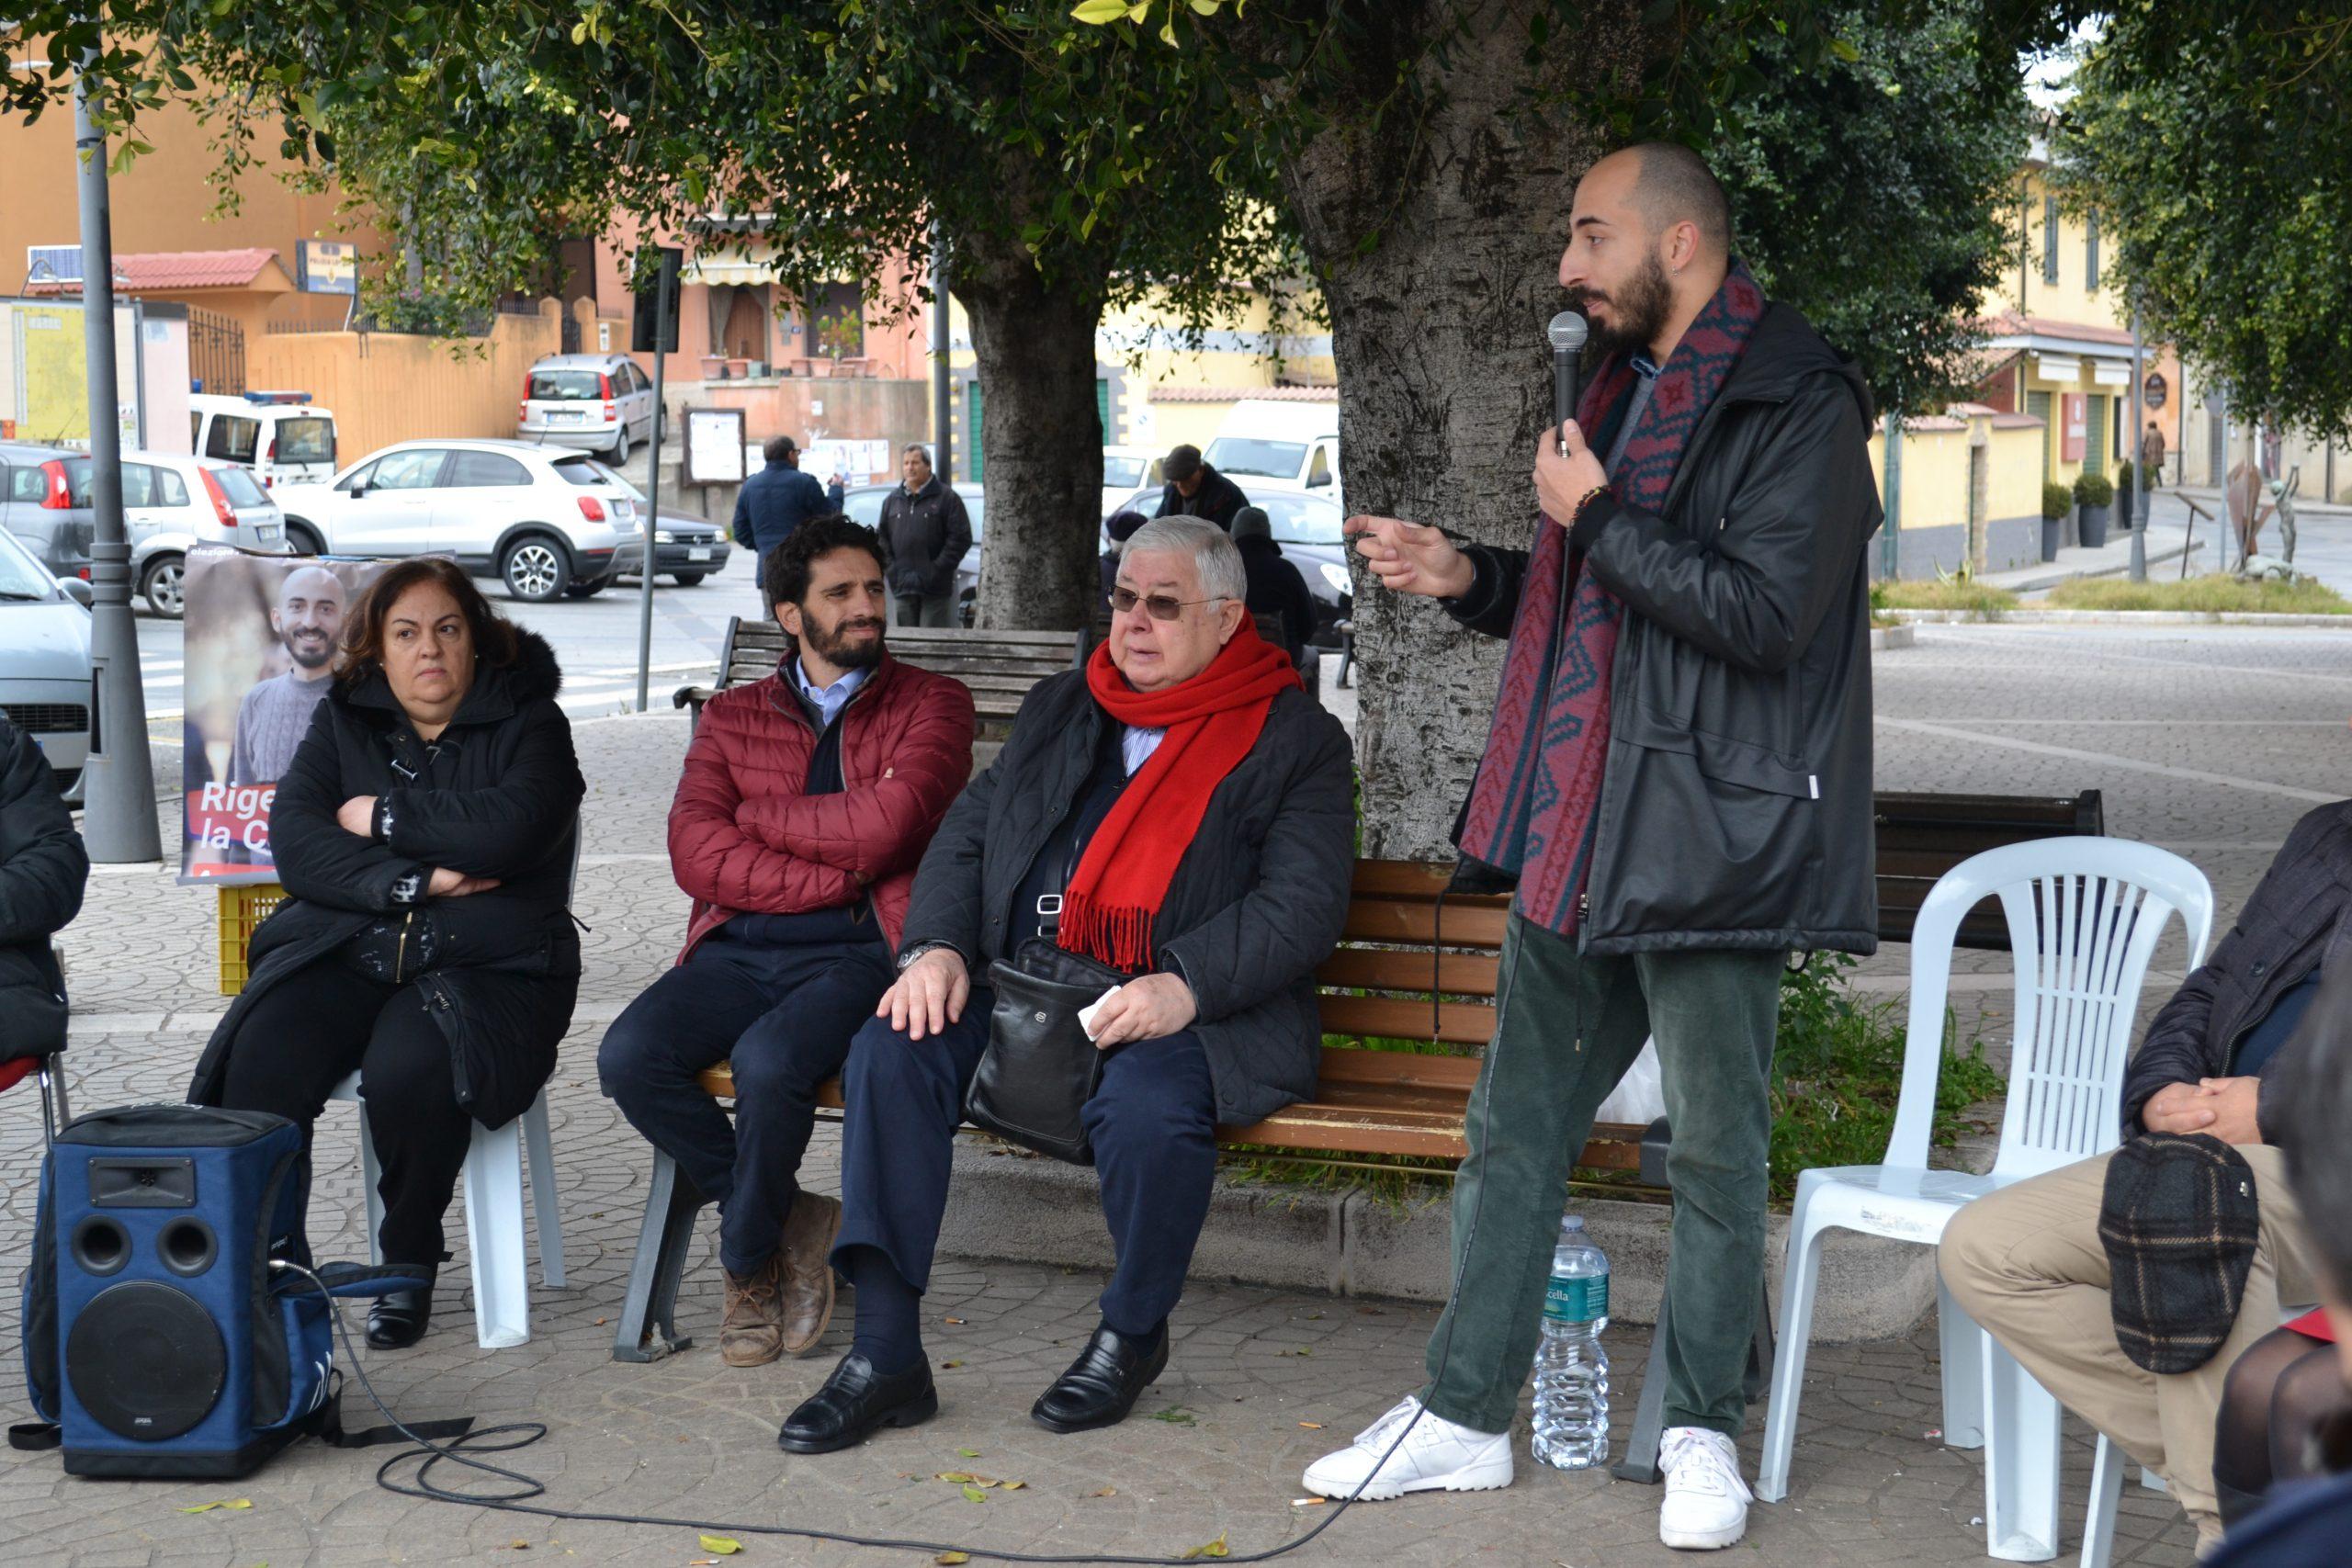 La Strada per Pazzano sindaco: incontro pubblico a Rosarno con Pippo Callipo